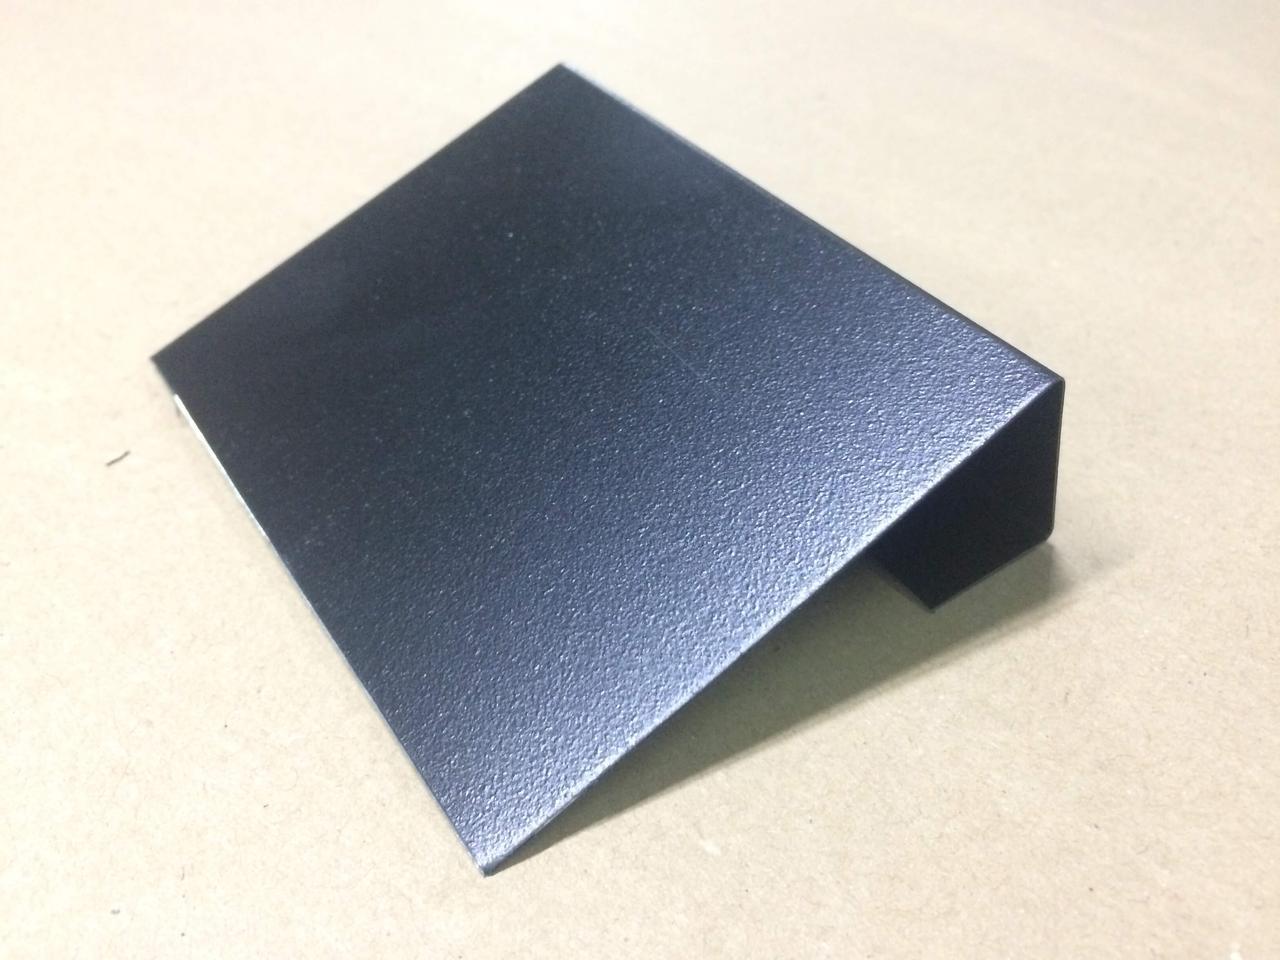 Ценник меловой 6х8 см с подставкой (для надписей мелом и маркером) грифельный. Крейдовий цінник